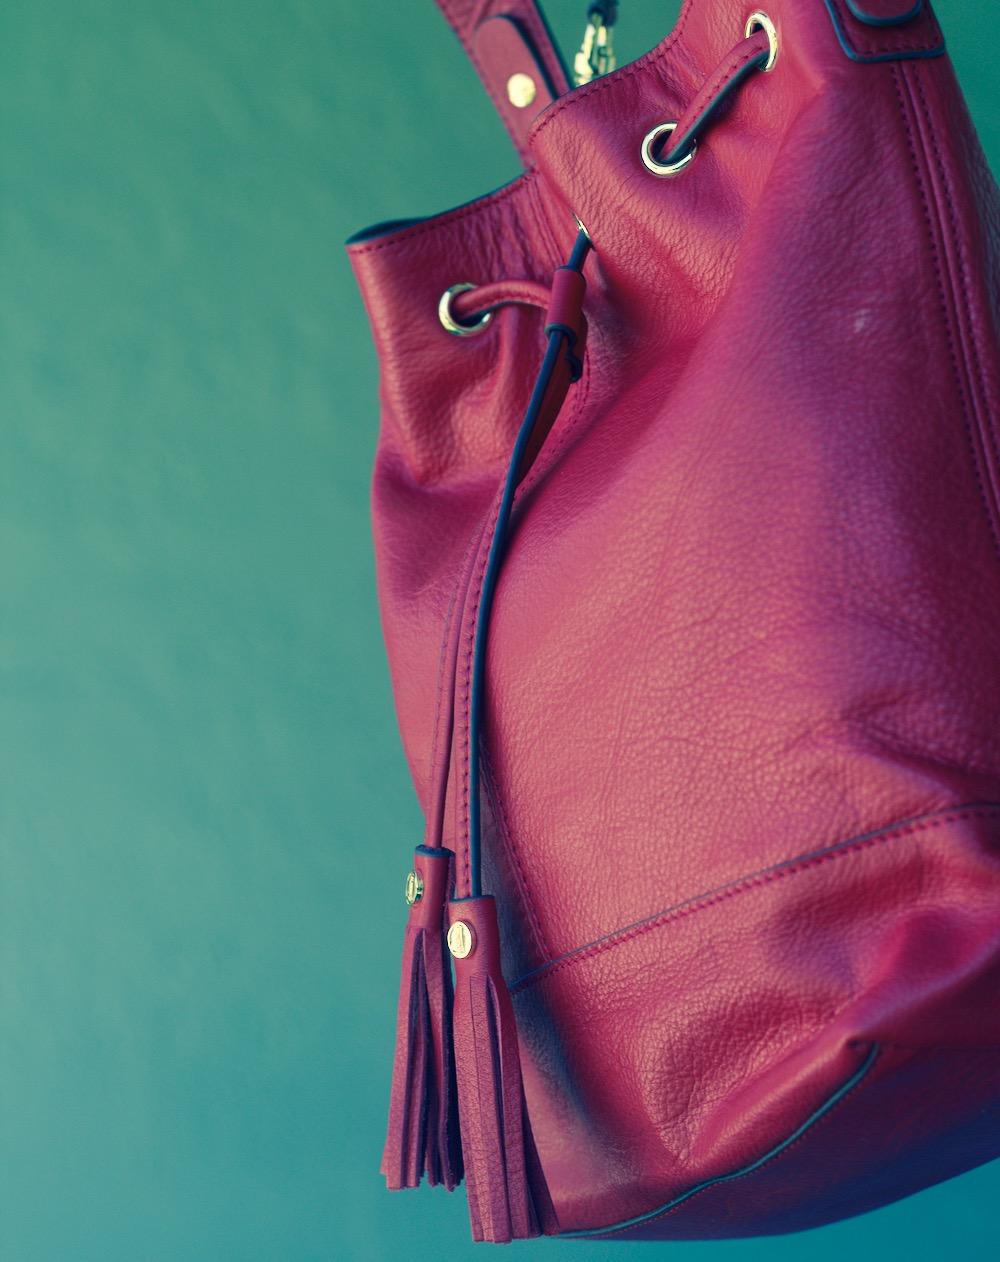 lands end red leather bag